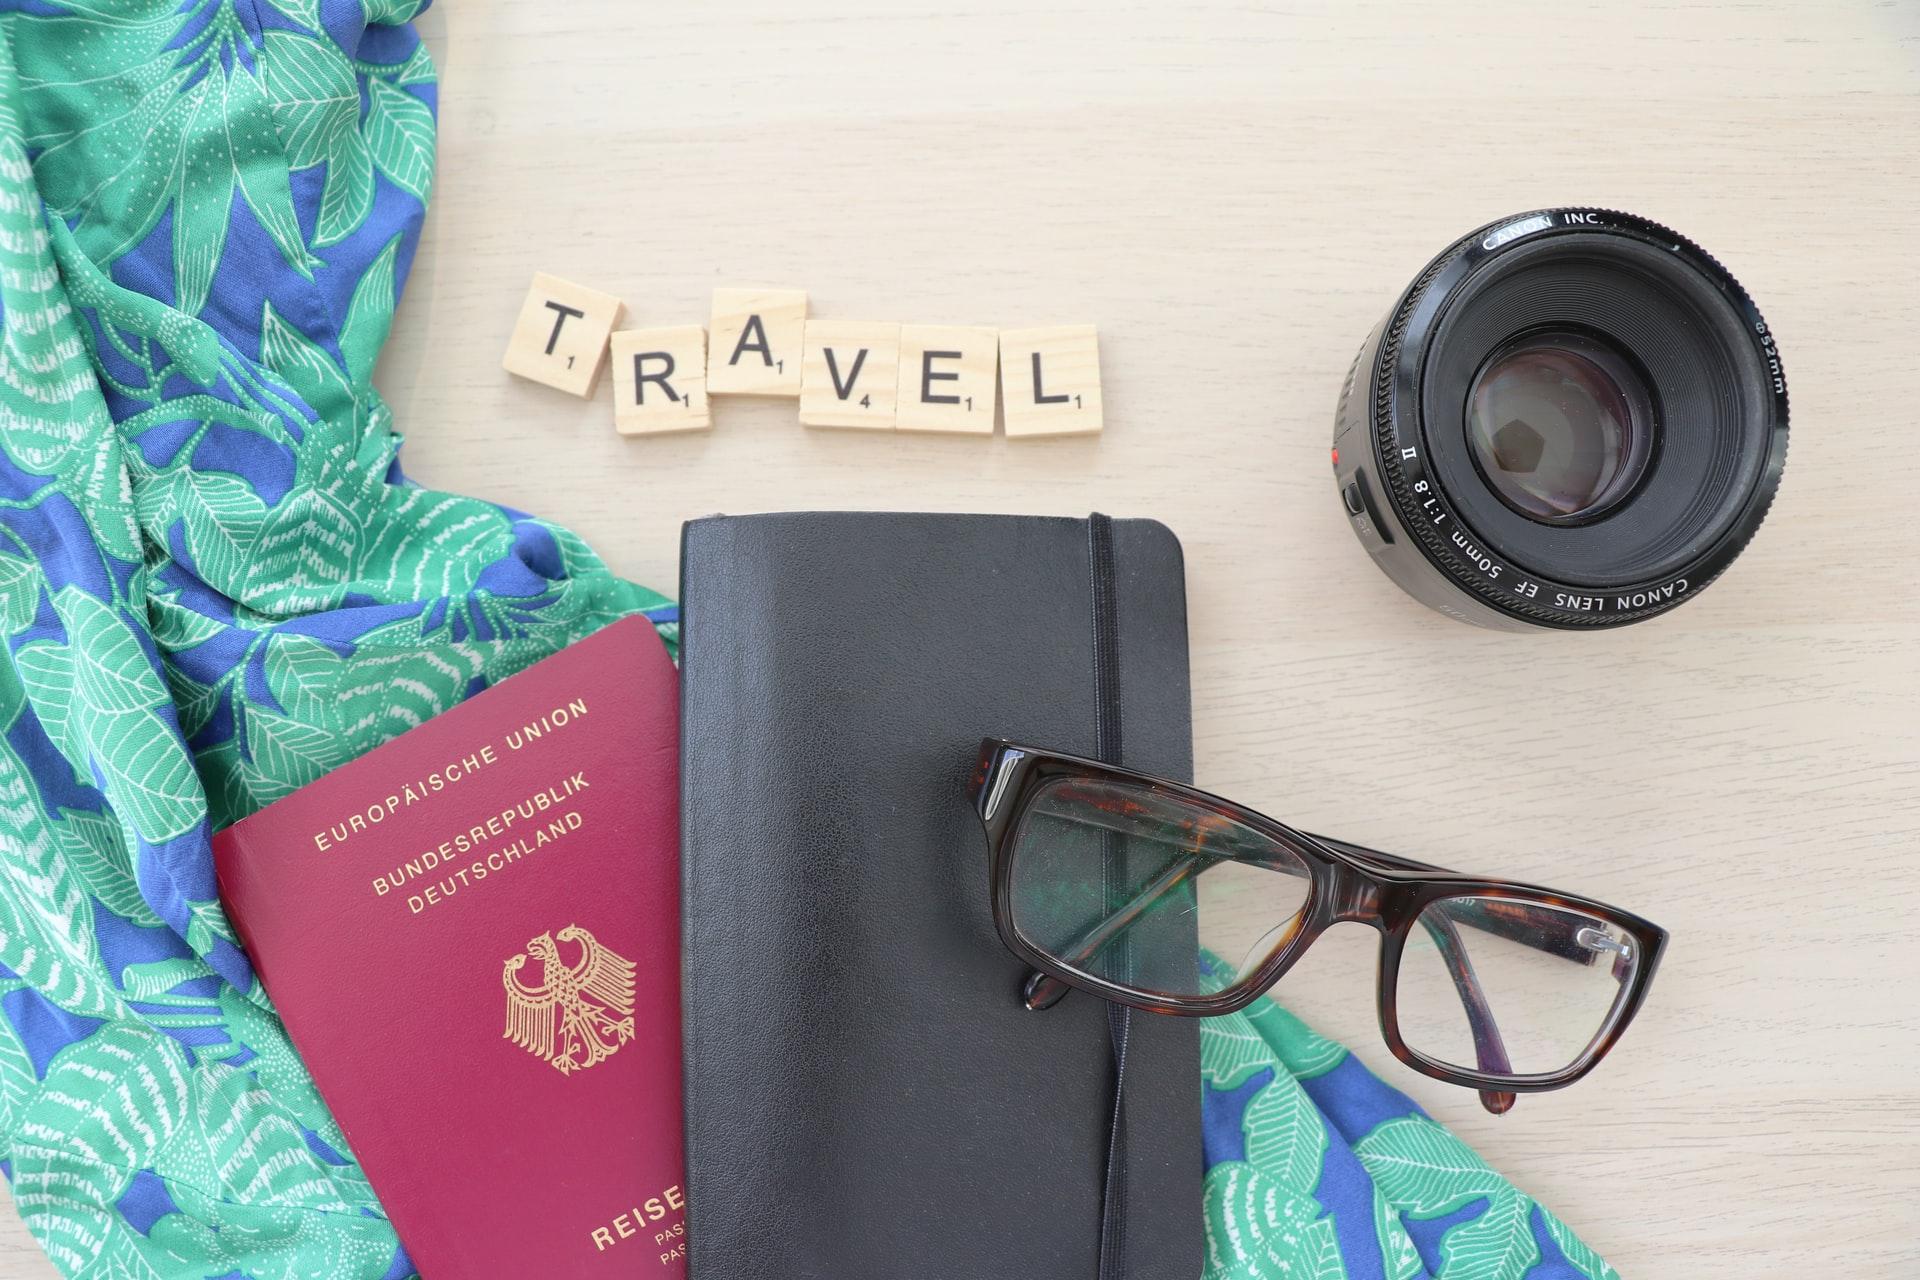 Гражданство за инвестиции: как купить паспорт? (часть 2 из 3) - 2